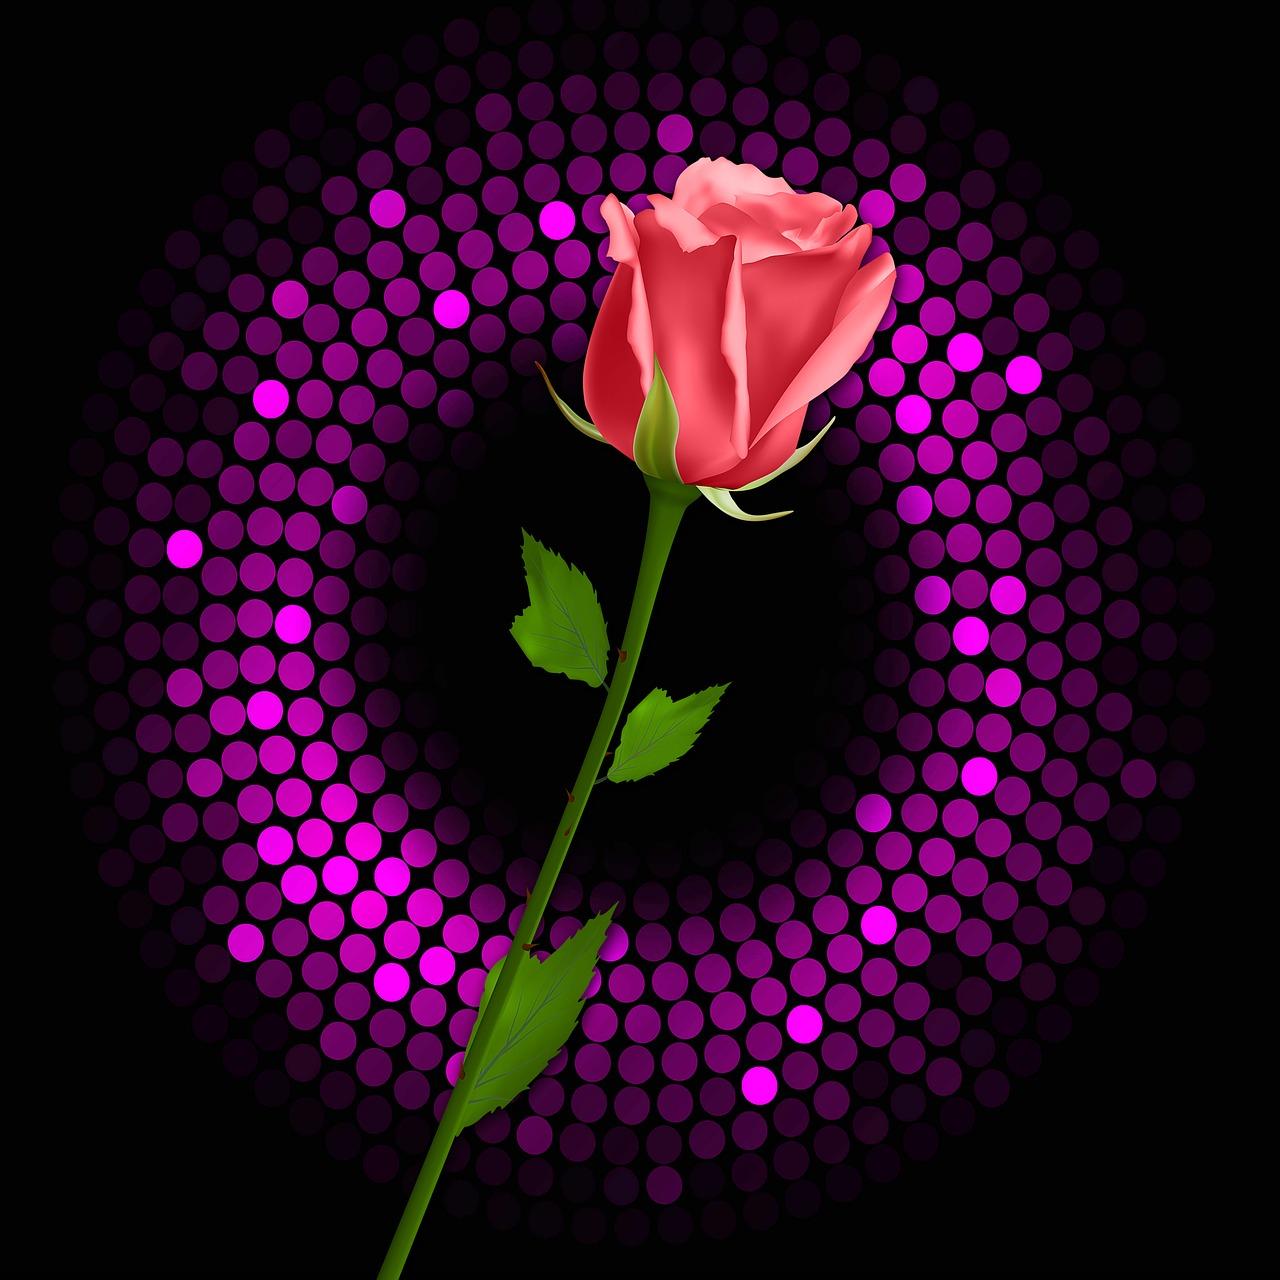 Rosa Black Background Flash Free Image On Pixabay